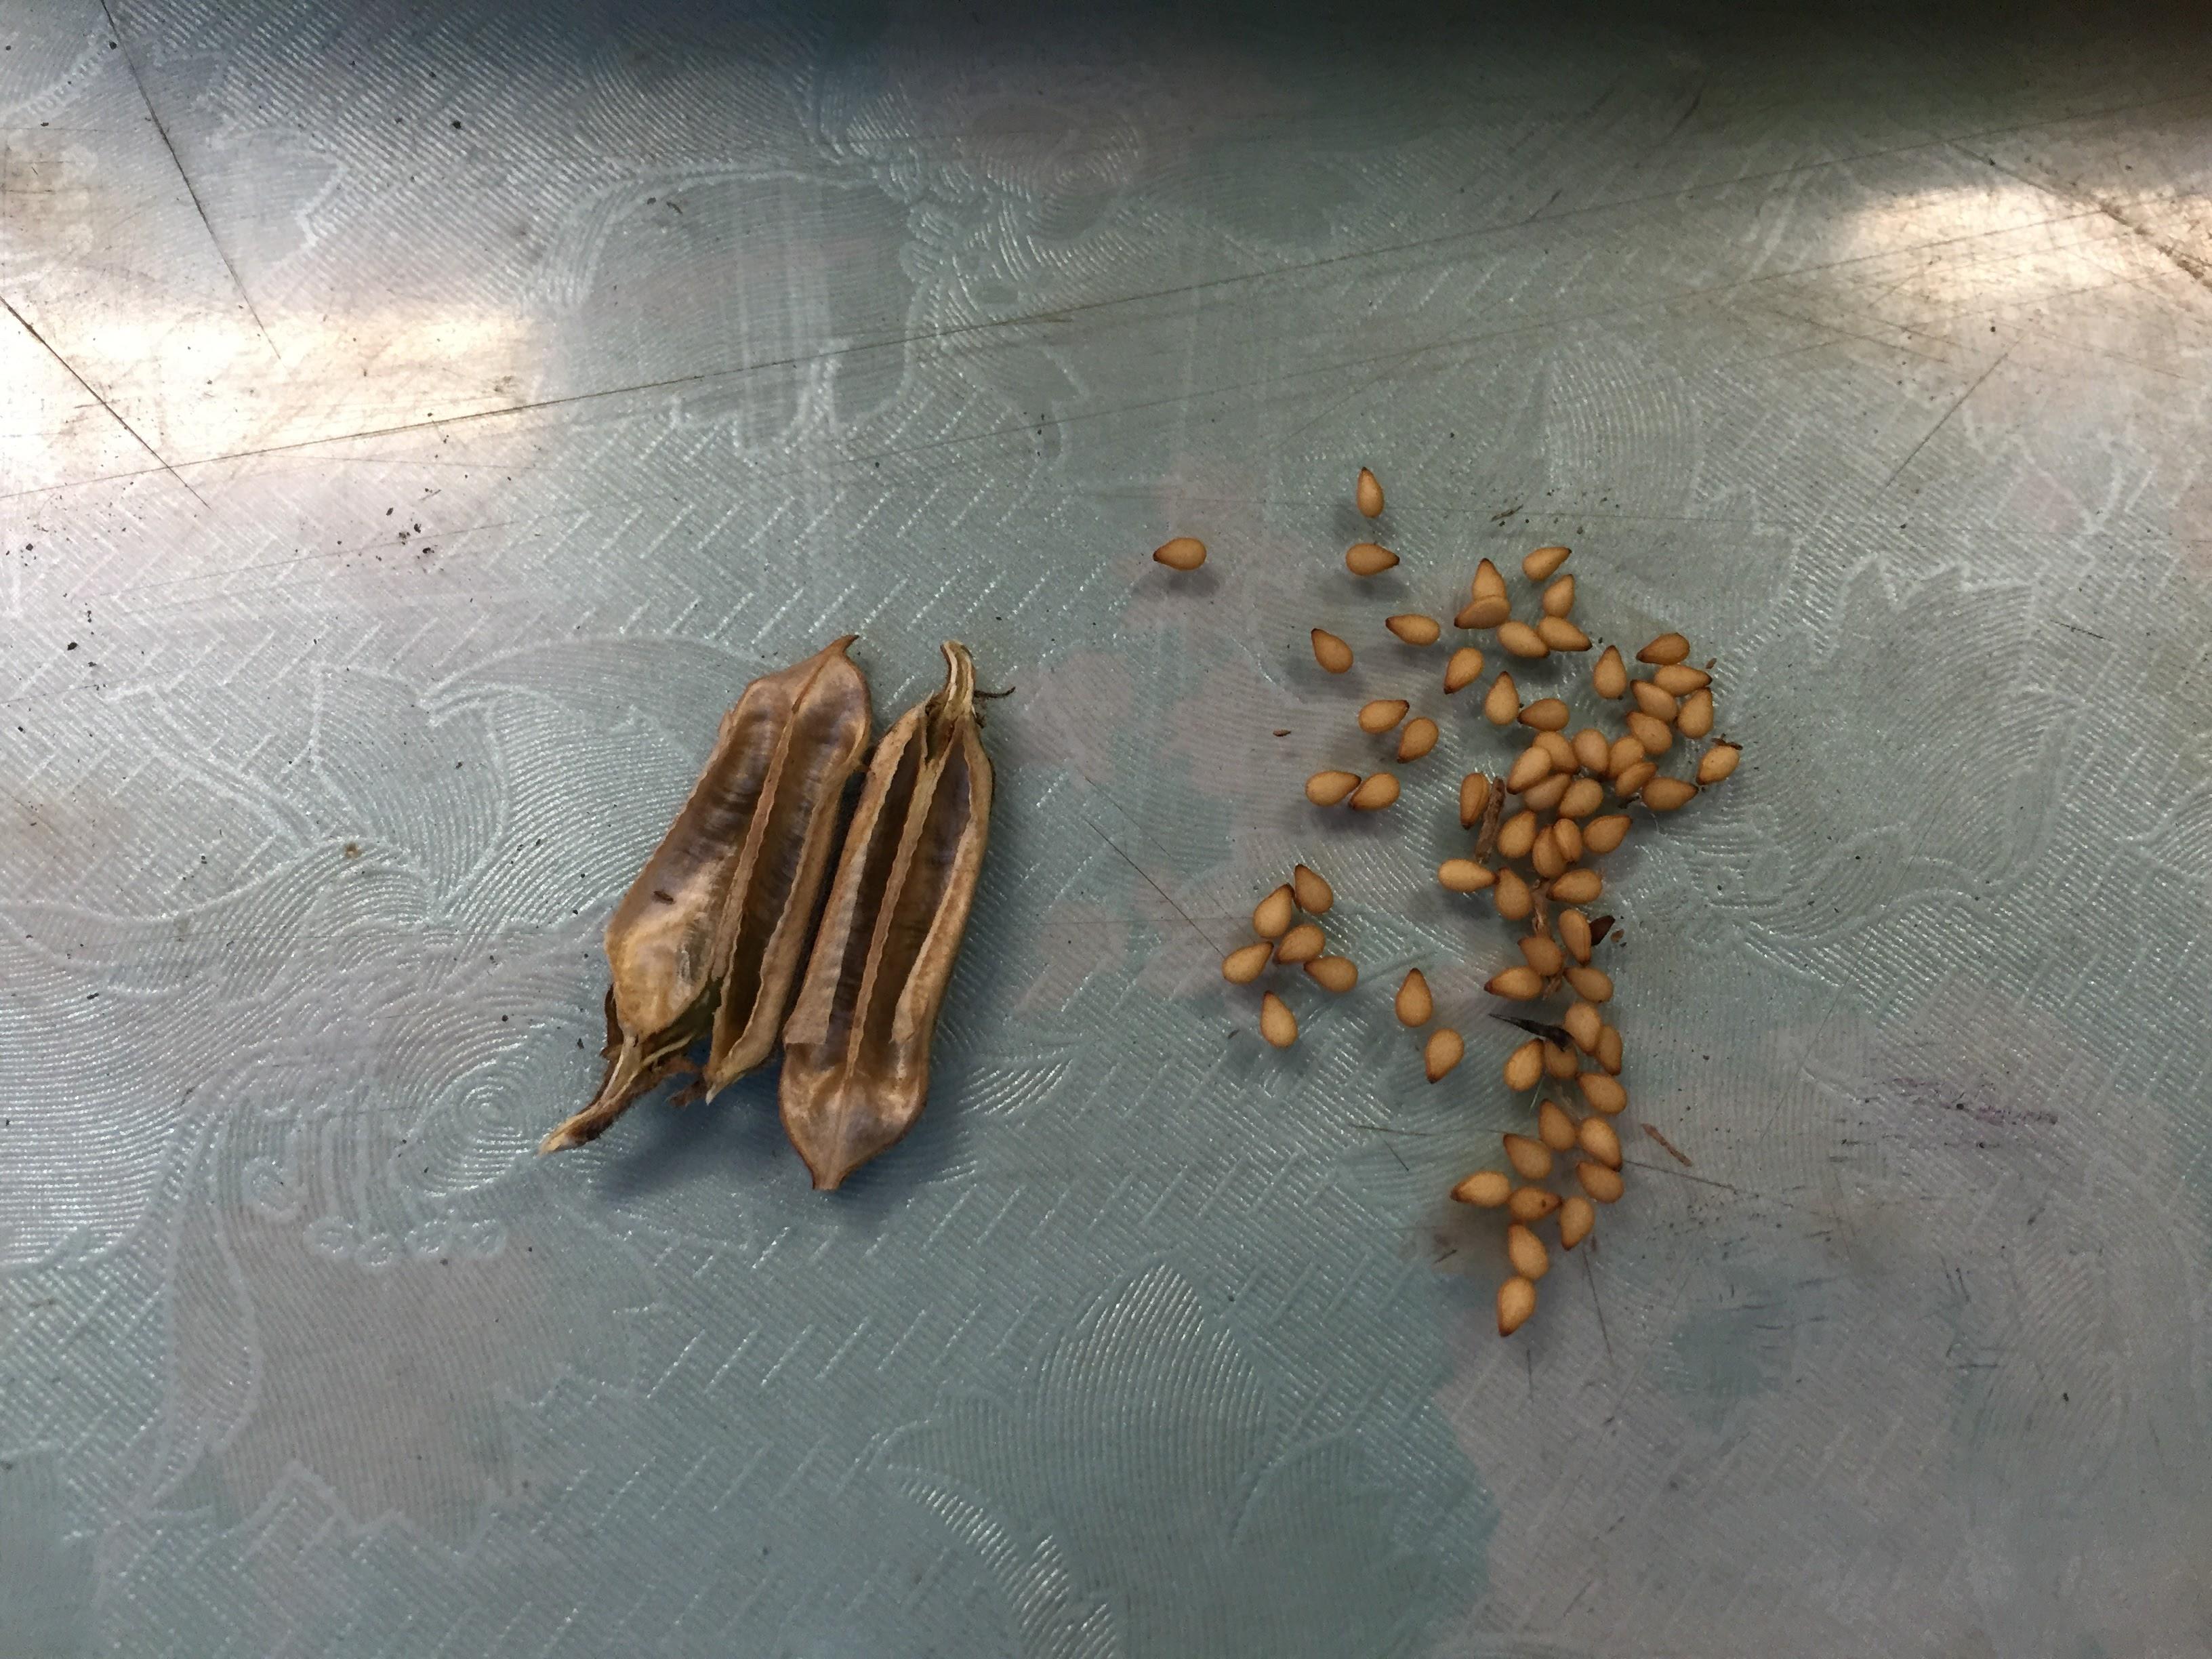 一粒万倍は本当か?胡麻で実験してみました!【無肥料自然栽培農家 明石農園 研修113日目(2016年8月29日)】